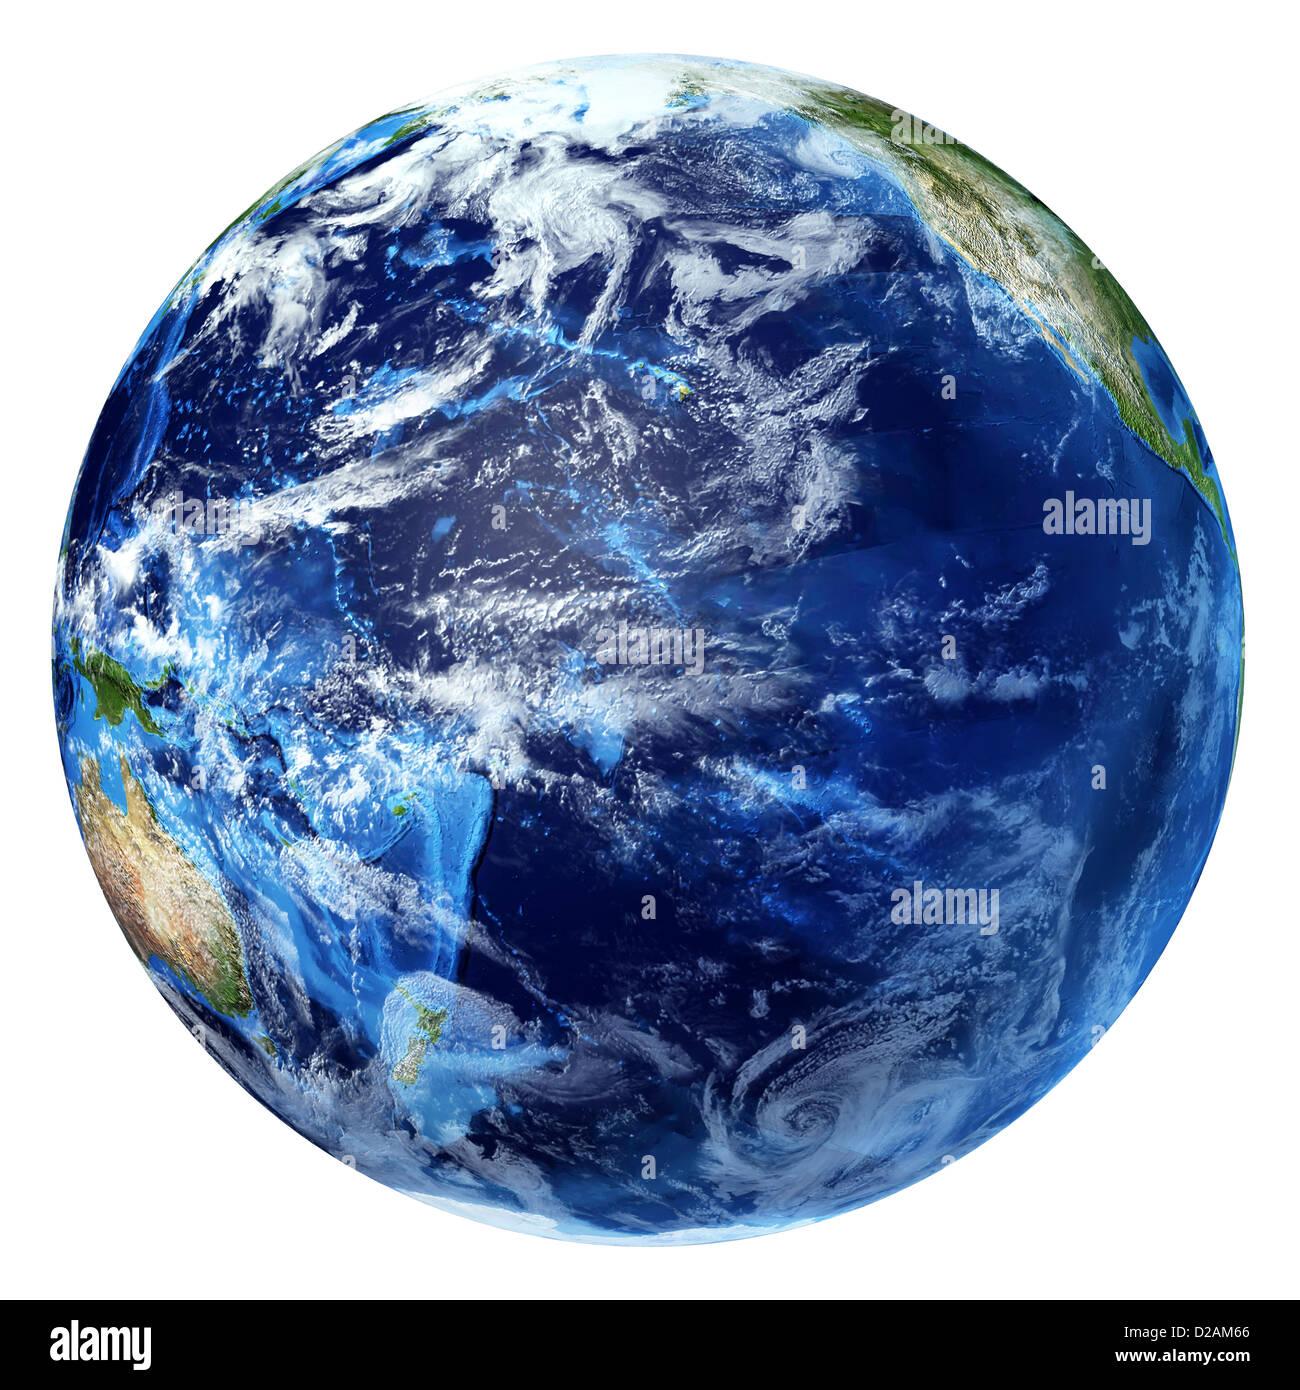 Il pianeta terra con alcune nuvole. Pacific ocean view. Su sfondo bianco. Immagini Stock